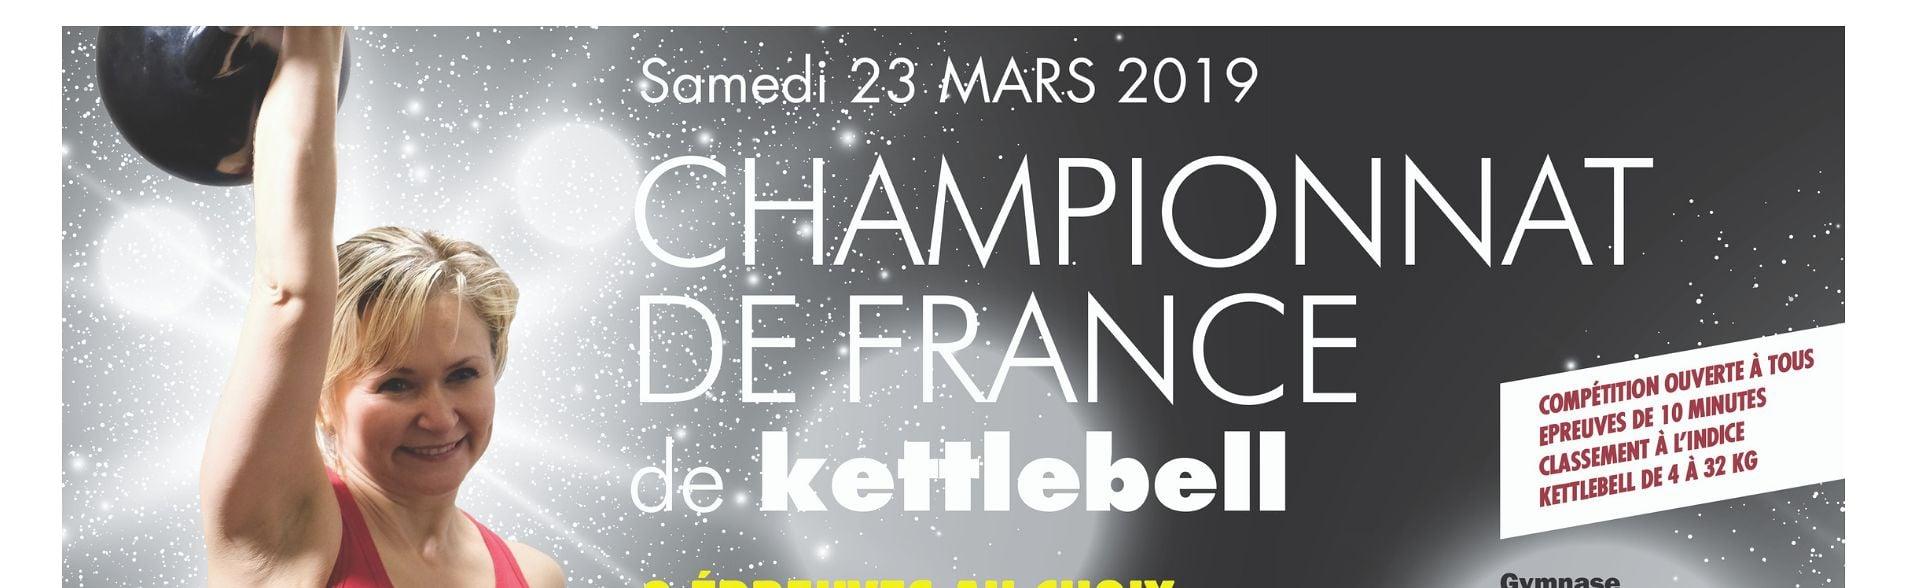 Championnat de France de Kettlebell